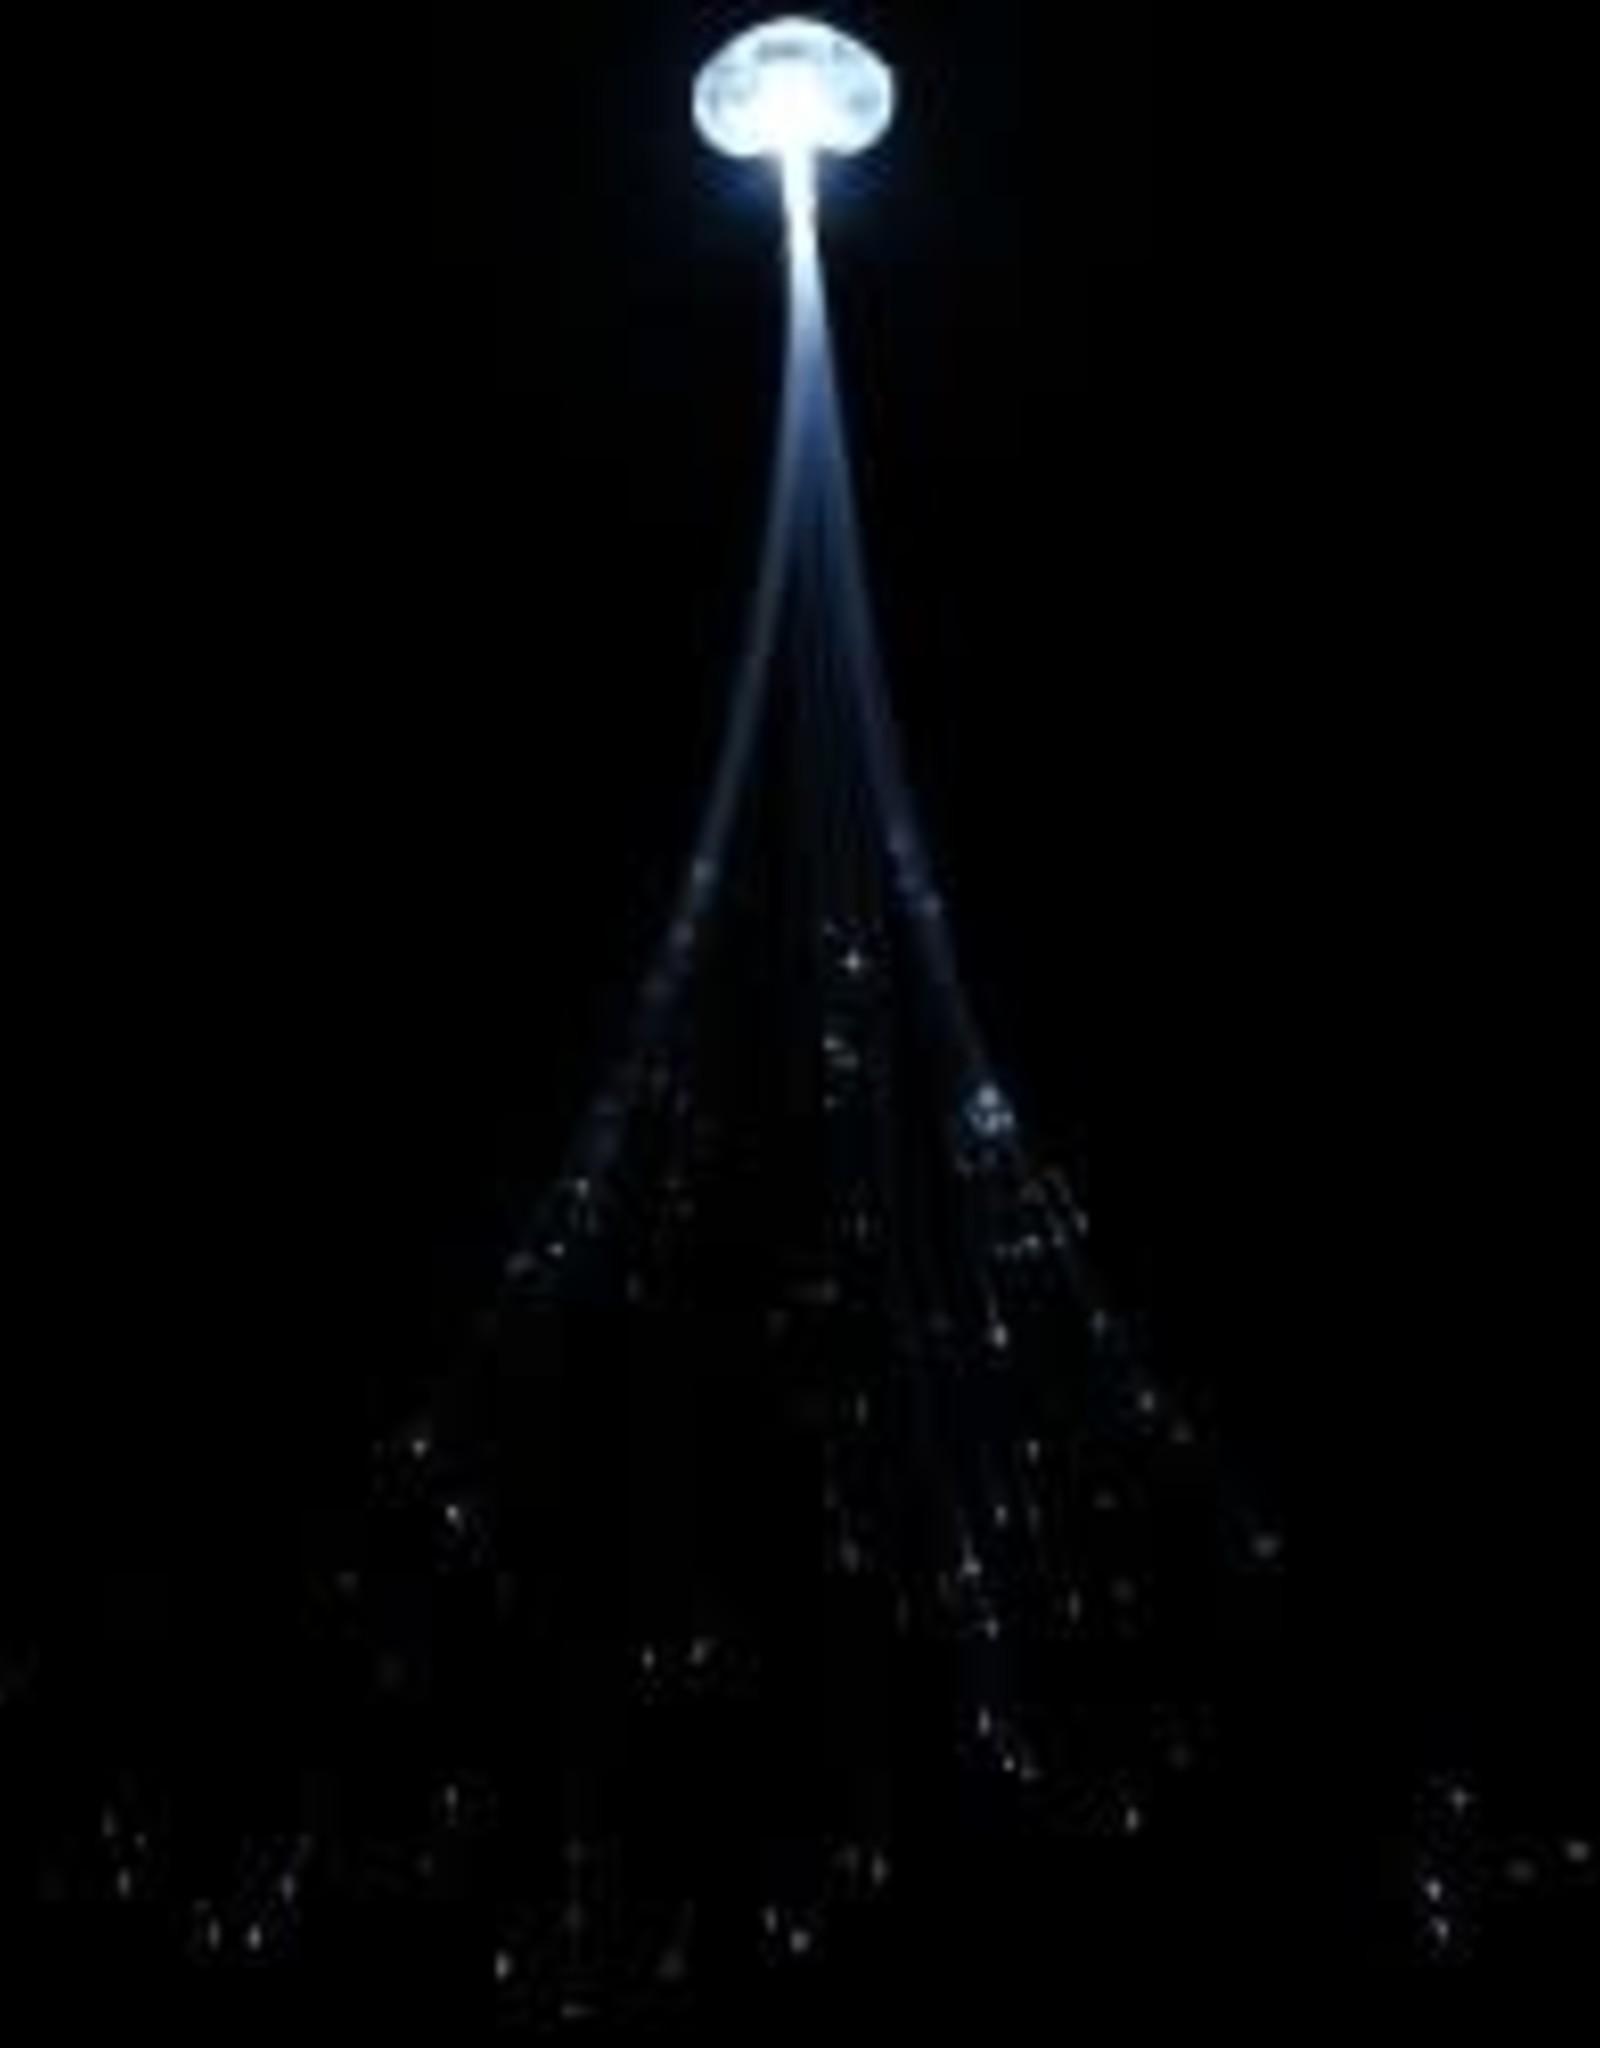 sterrenlicht wit